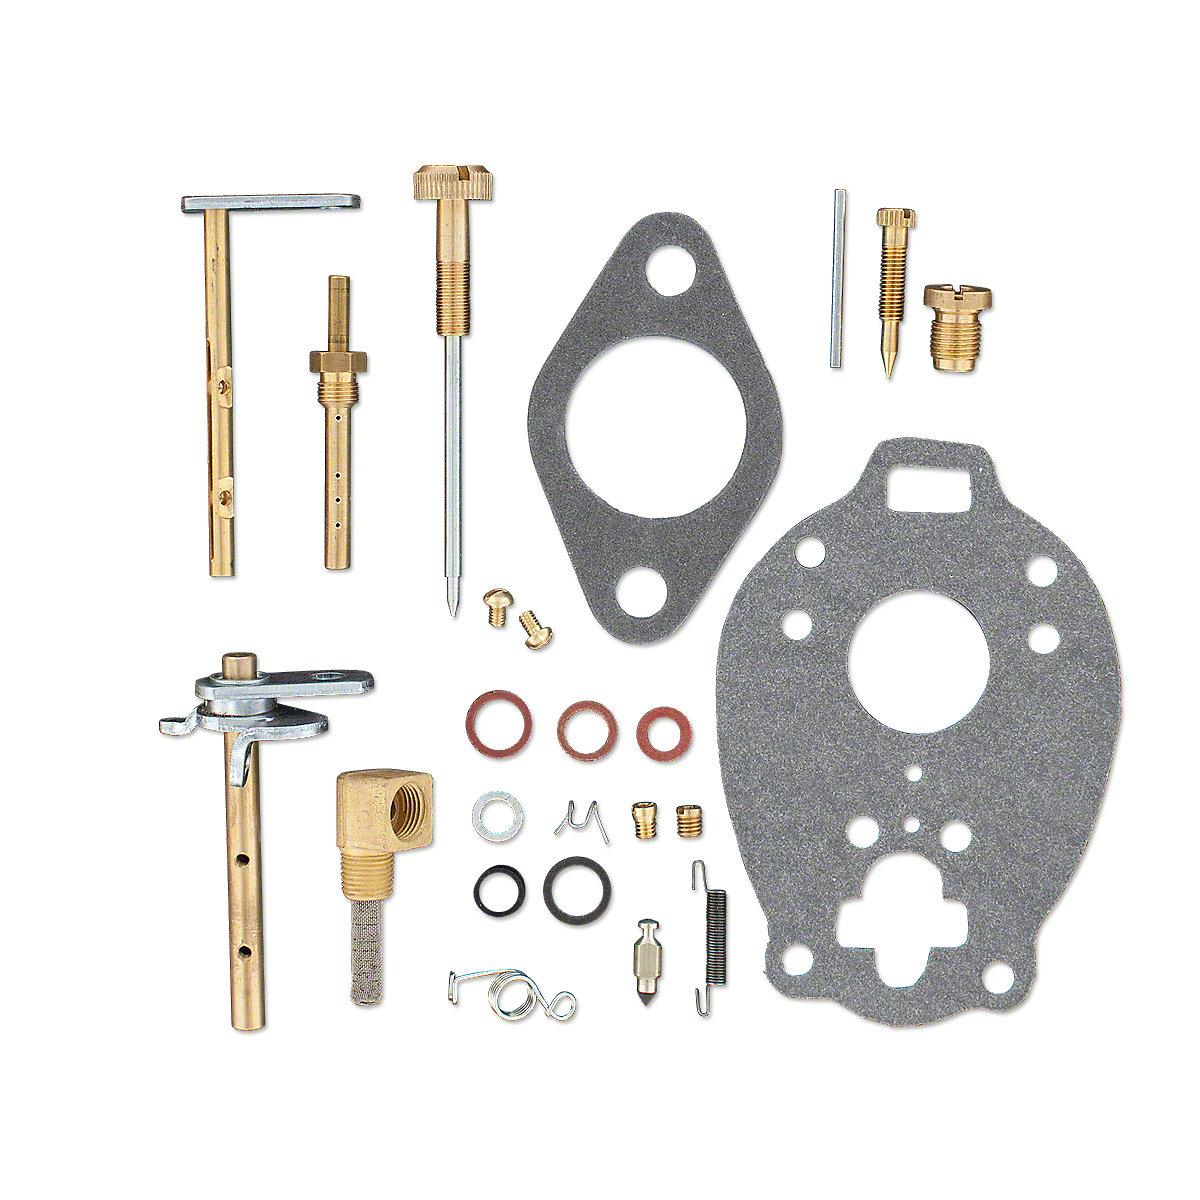 Marvel Schebler Complete Carburetor Kit For Massey Ferguson: TO30.